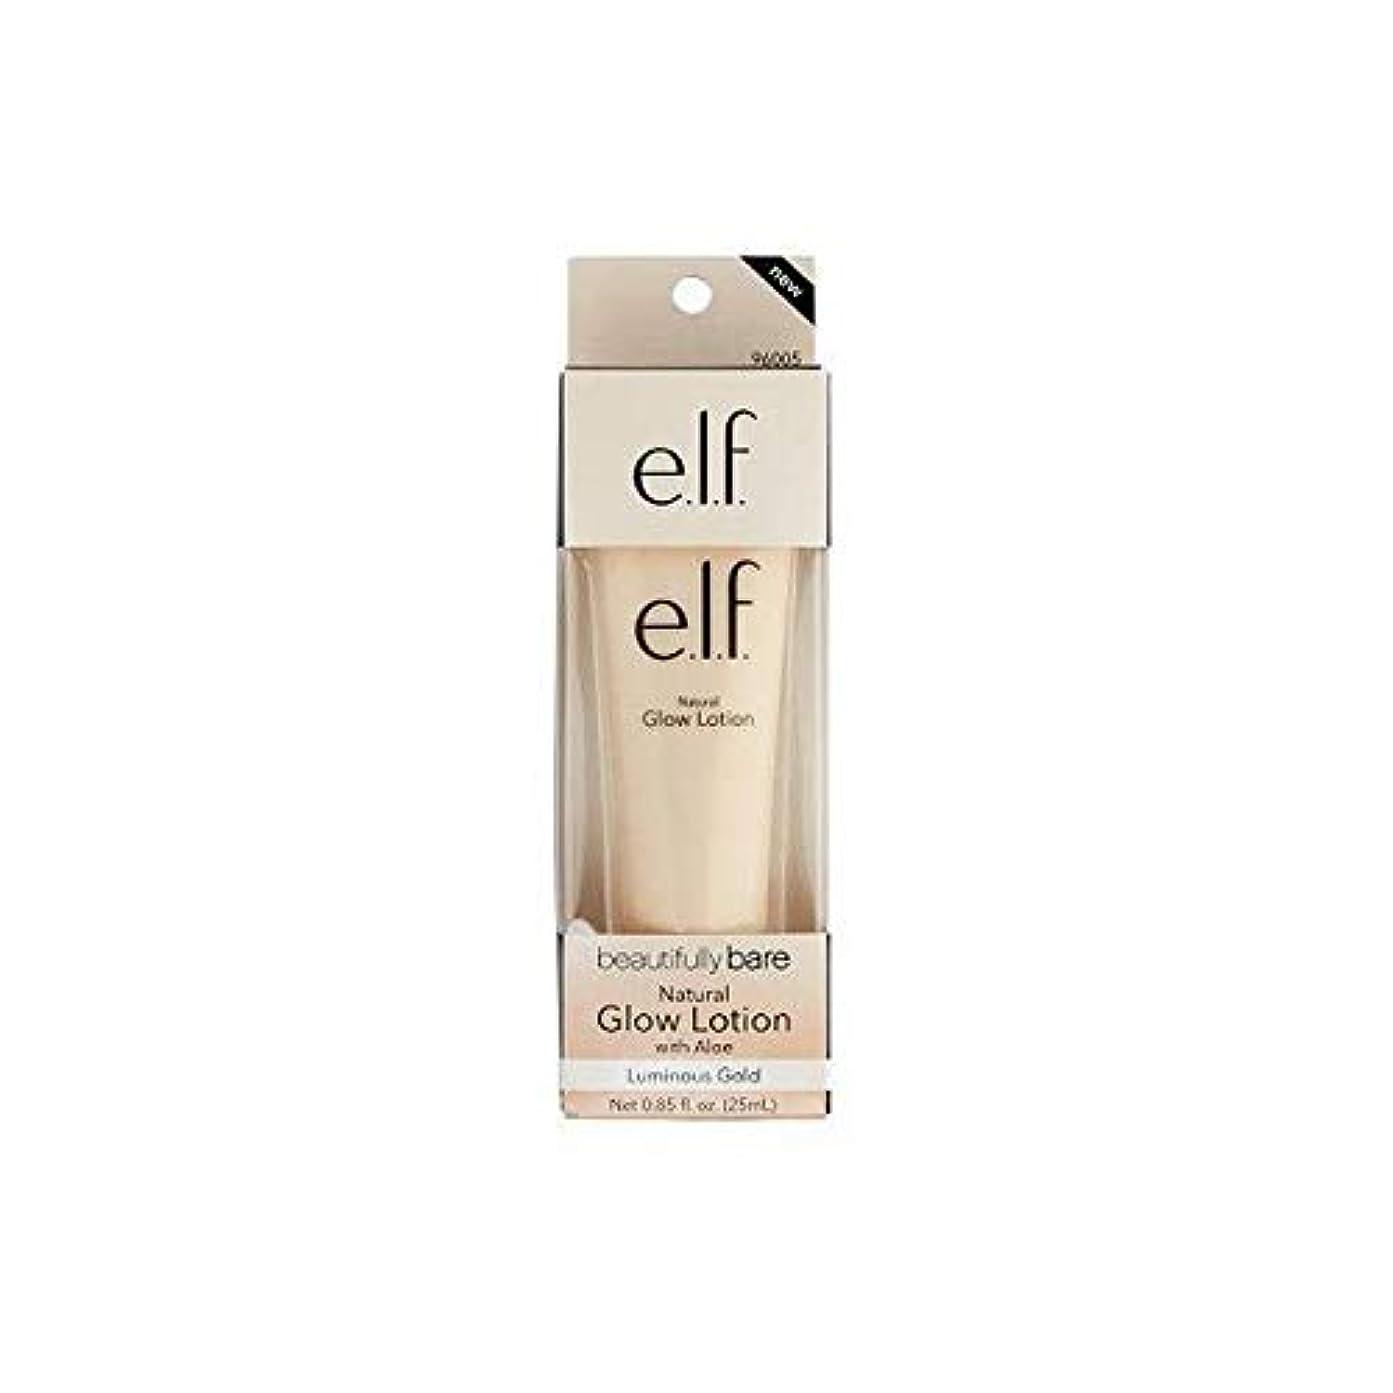 考えた召集するほこりっぽい[Elf ] エルフ。美しく裸自然グローローション金 - e.l.f. Beautifully Bare Natural Glow Lotion gold [並行輸入品]